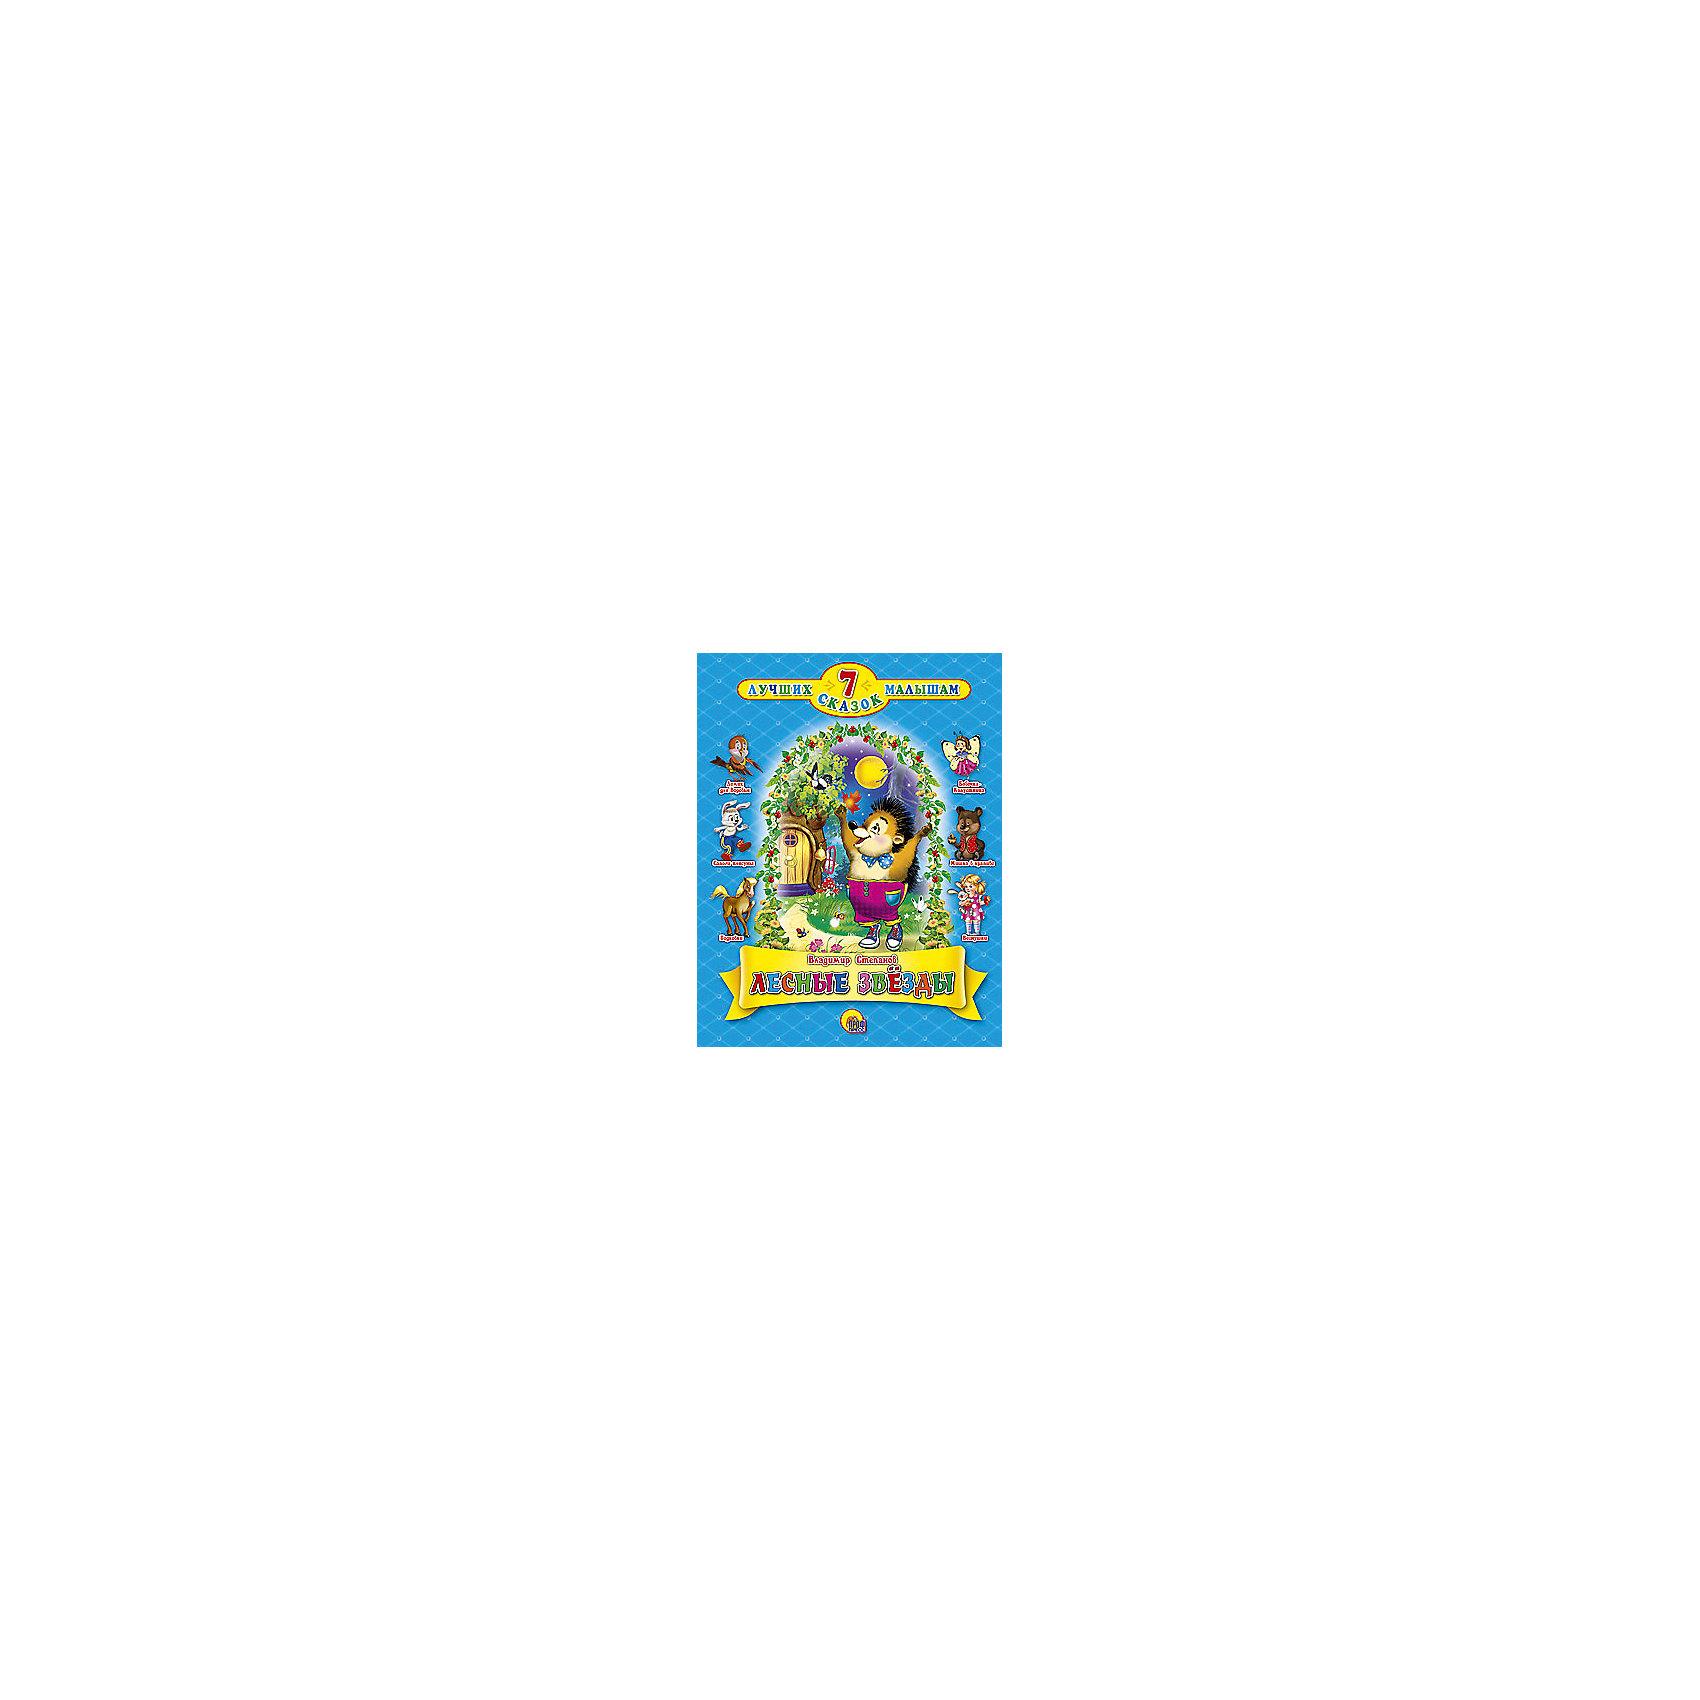 Проф-Пресс Лесные звезды (10 шт), 7 сказок книжки пазлы проф пресс 978 5 378 08246 9